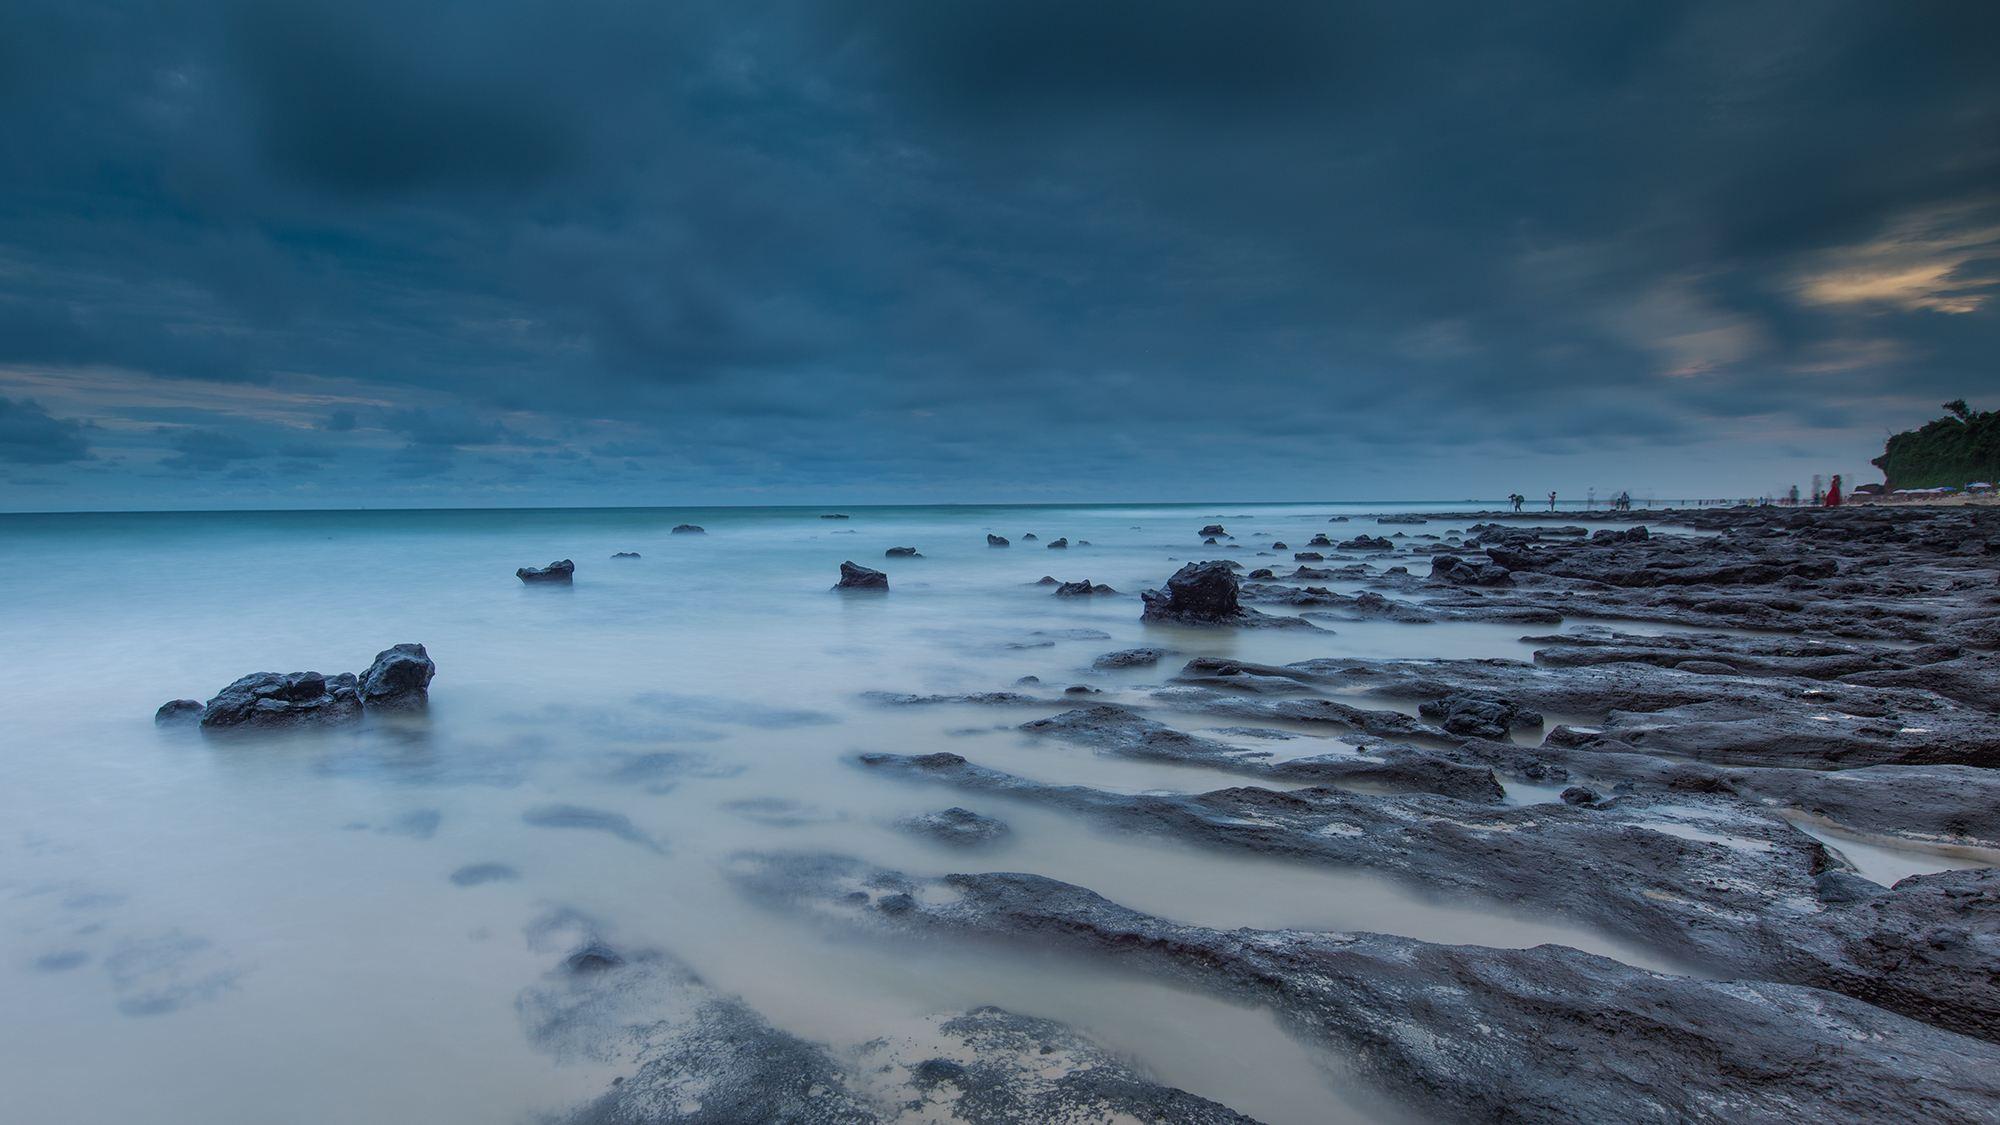 【纯美·沙语海】 北海·涠洲岛4日游